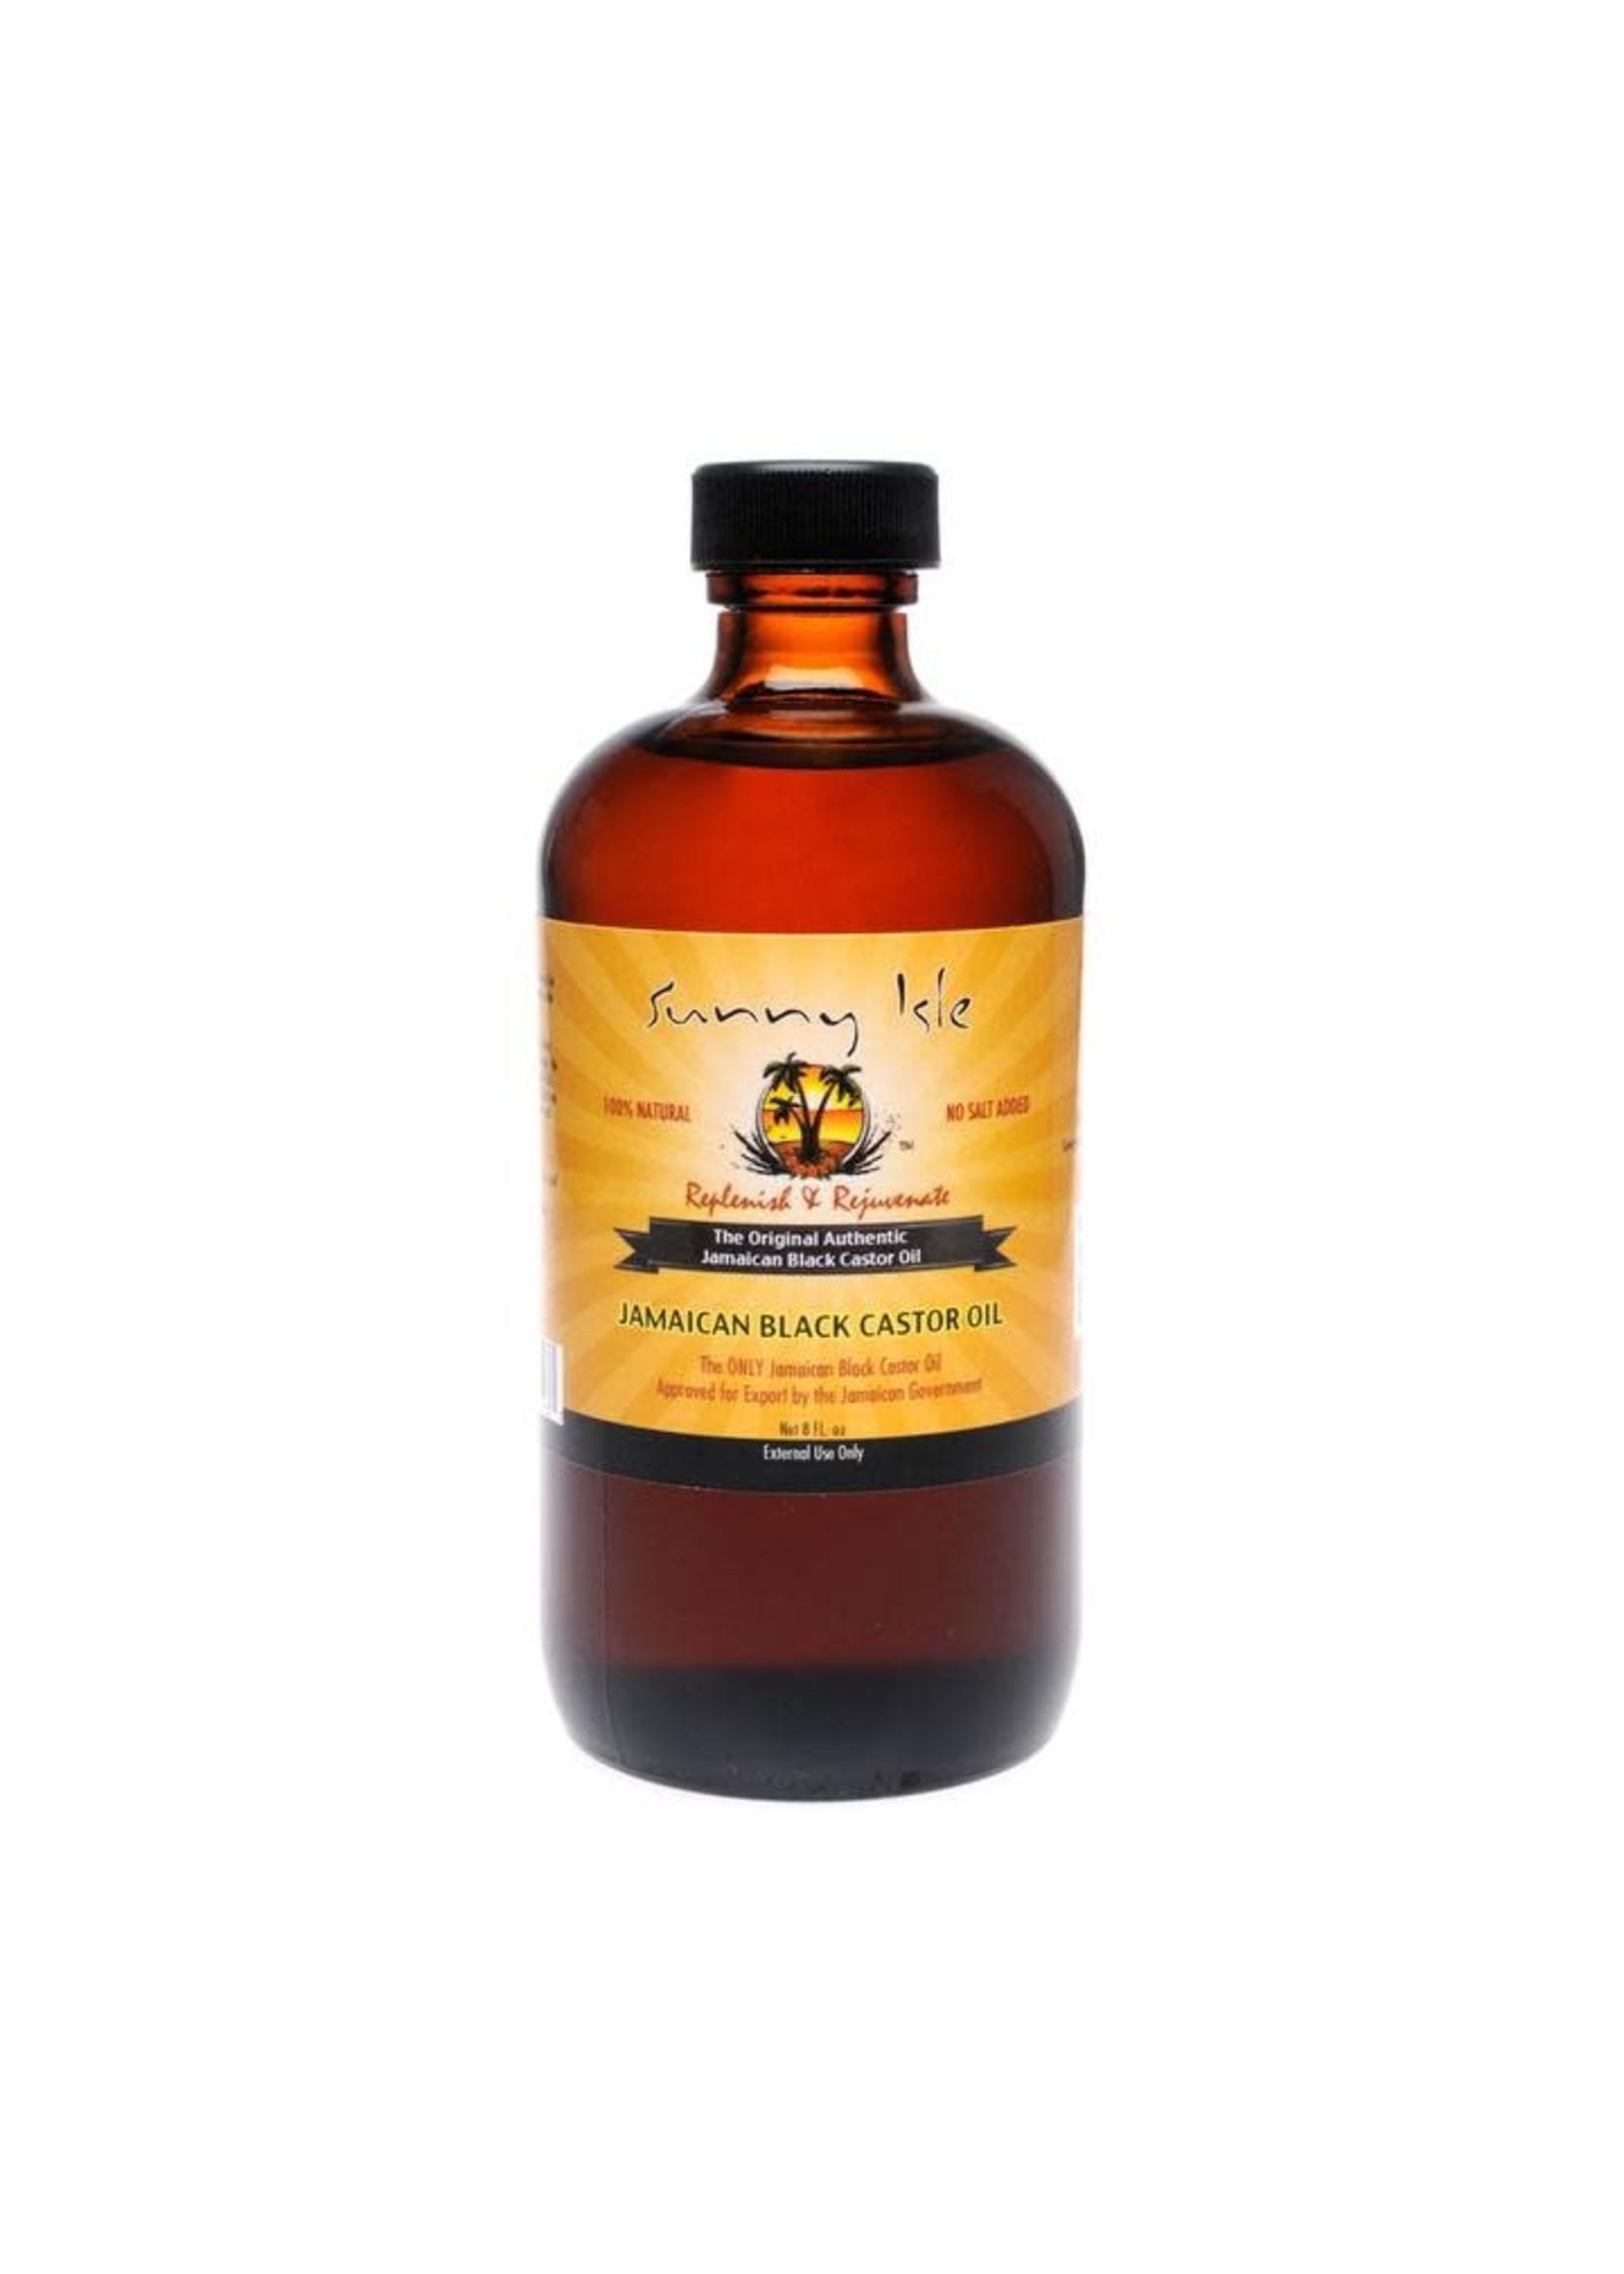 Sunny Isle Sunny Isle Black Castor Oil 8oz